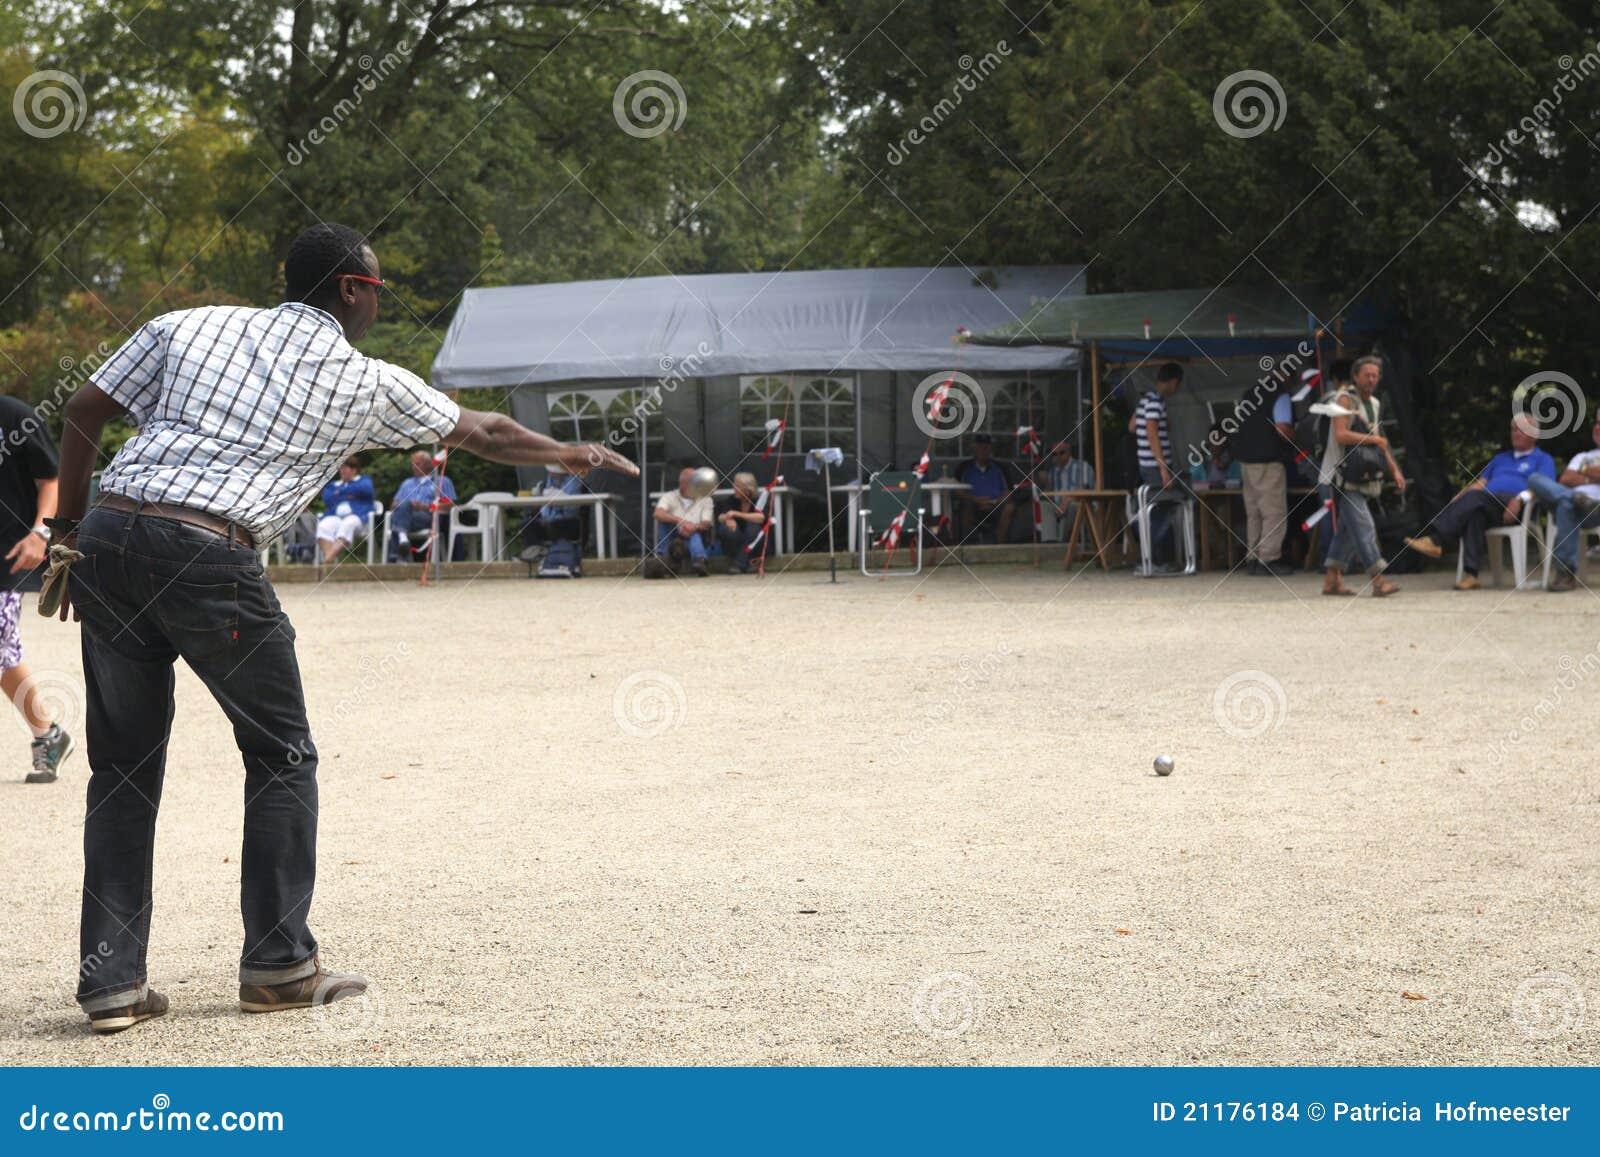 Petanque game